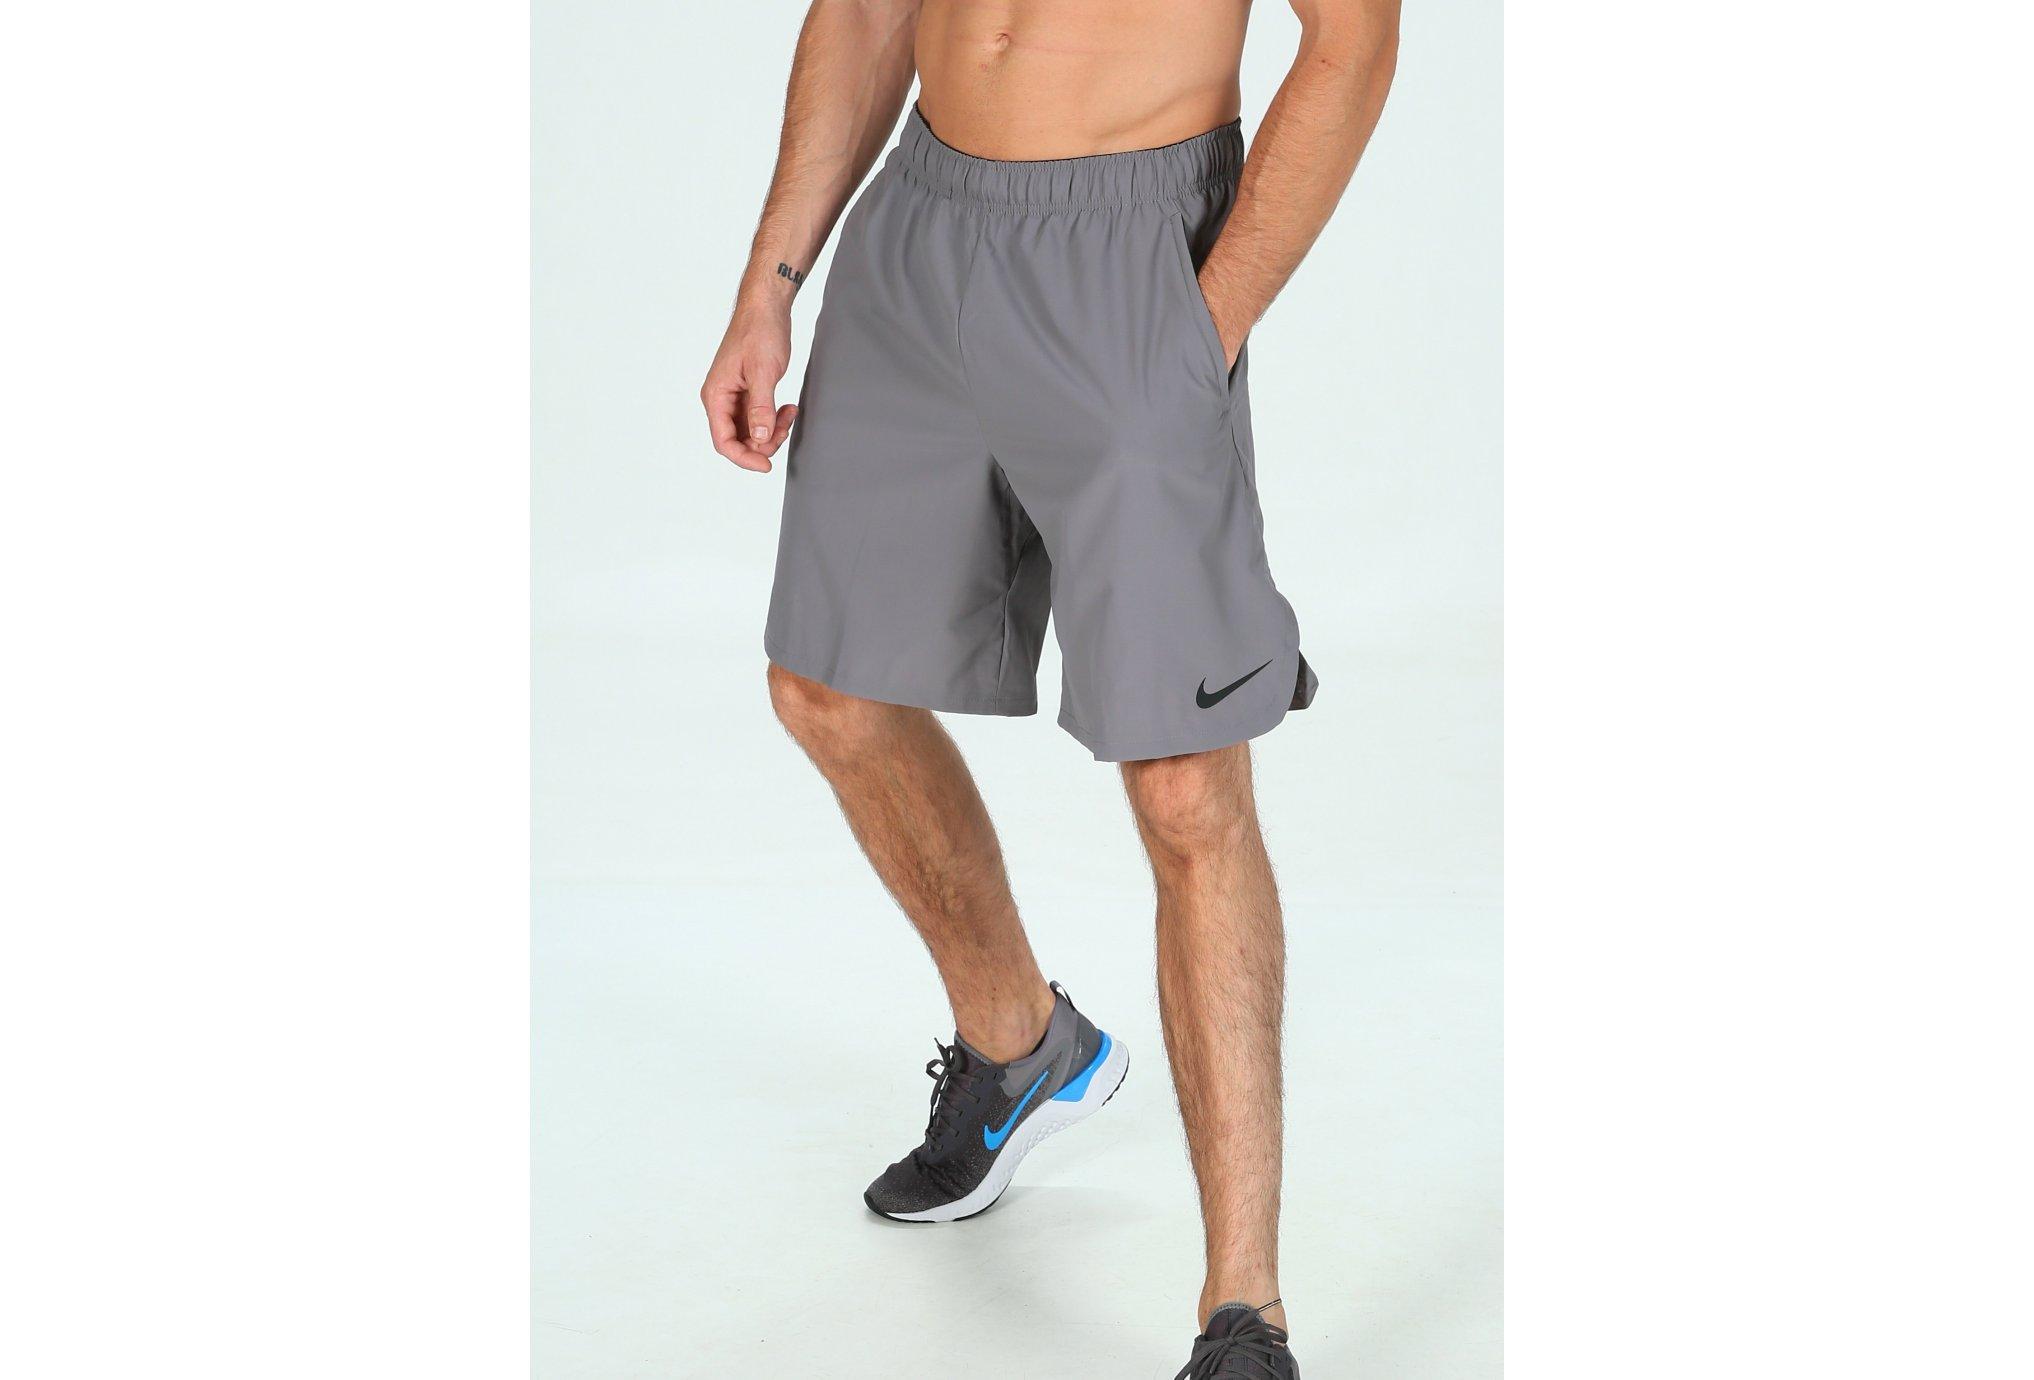 Nike Flex Woven 2.0 M vêtement running homme